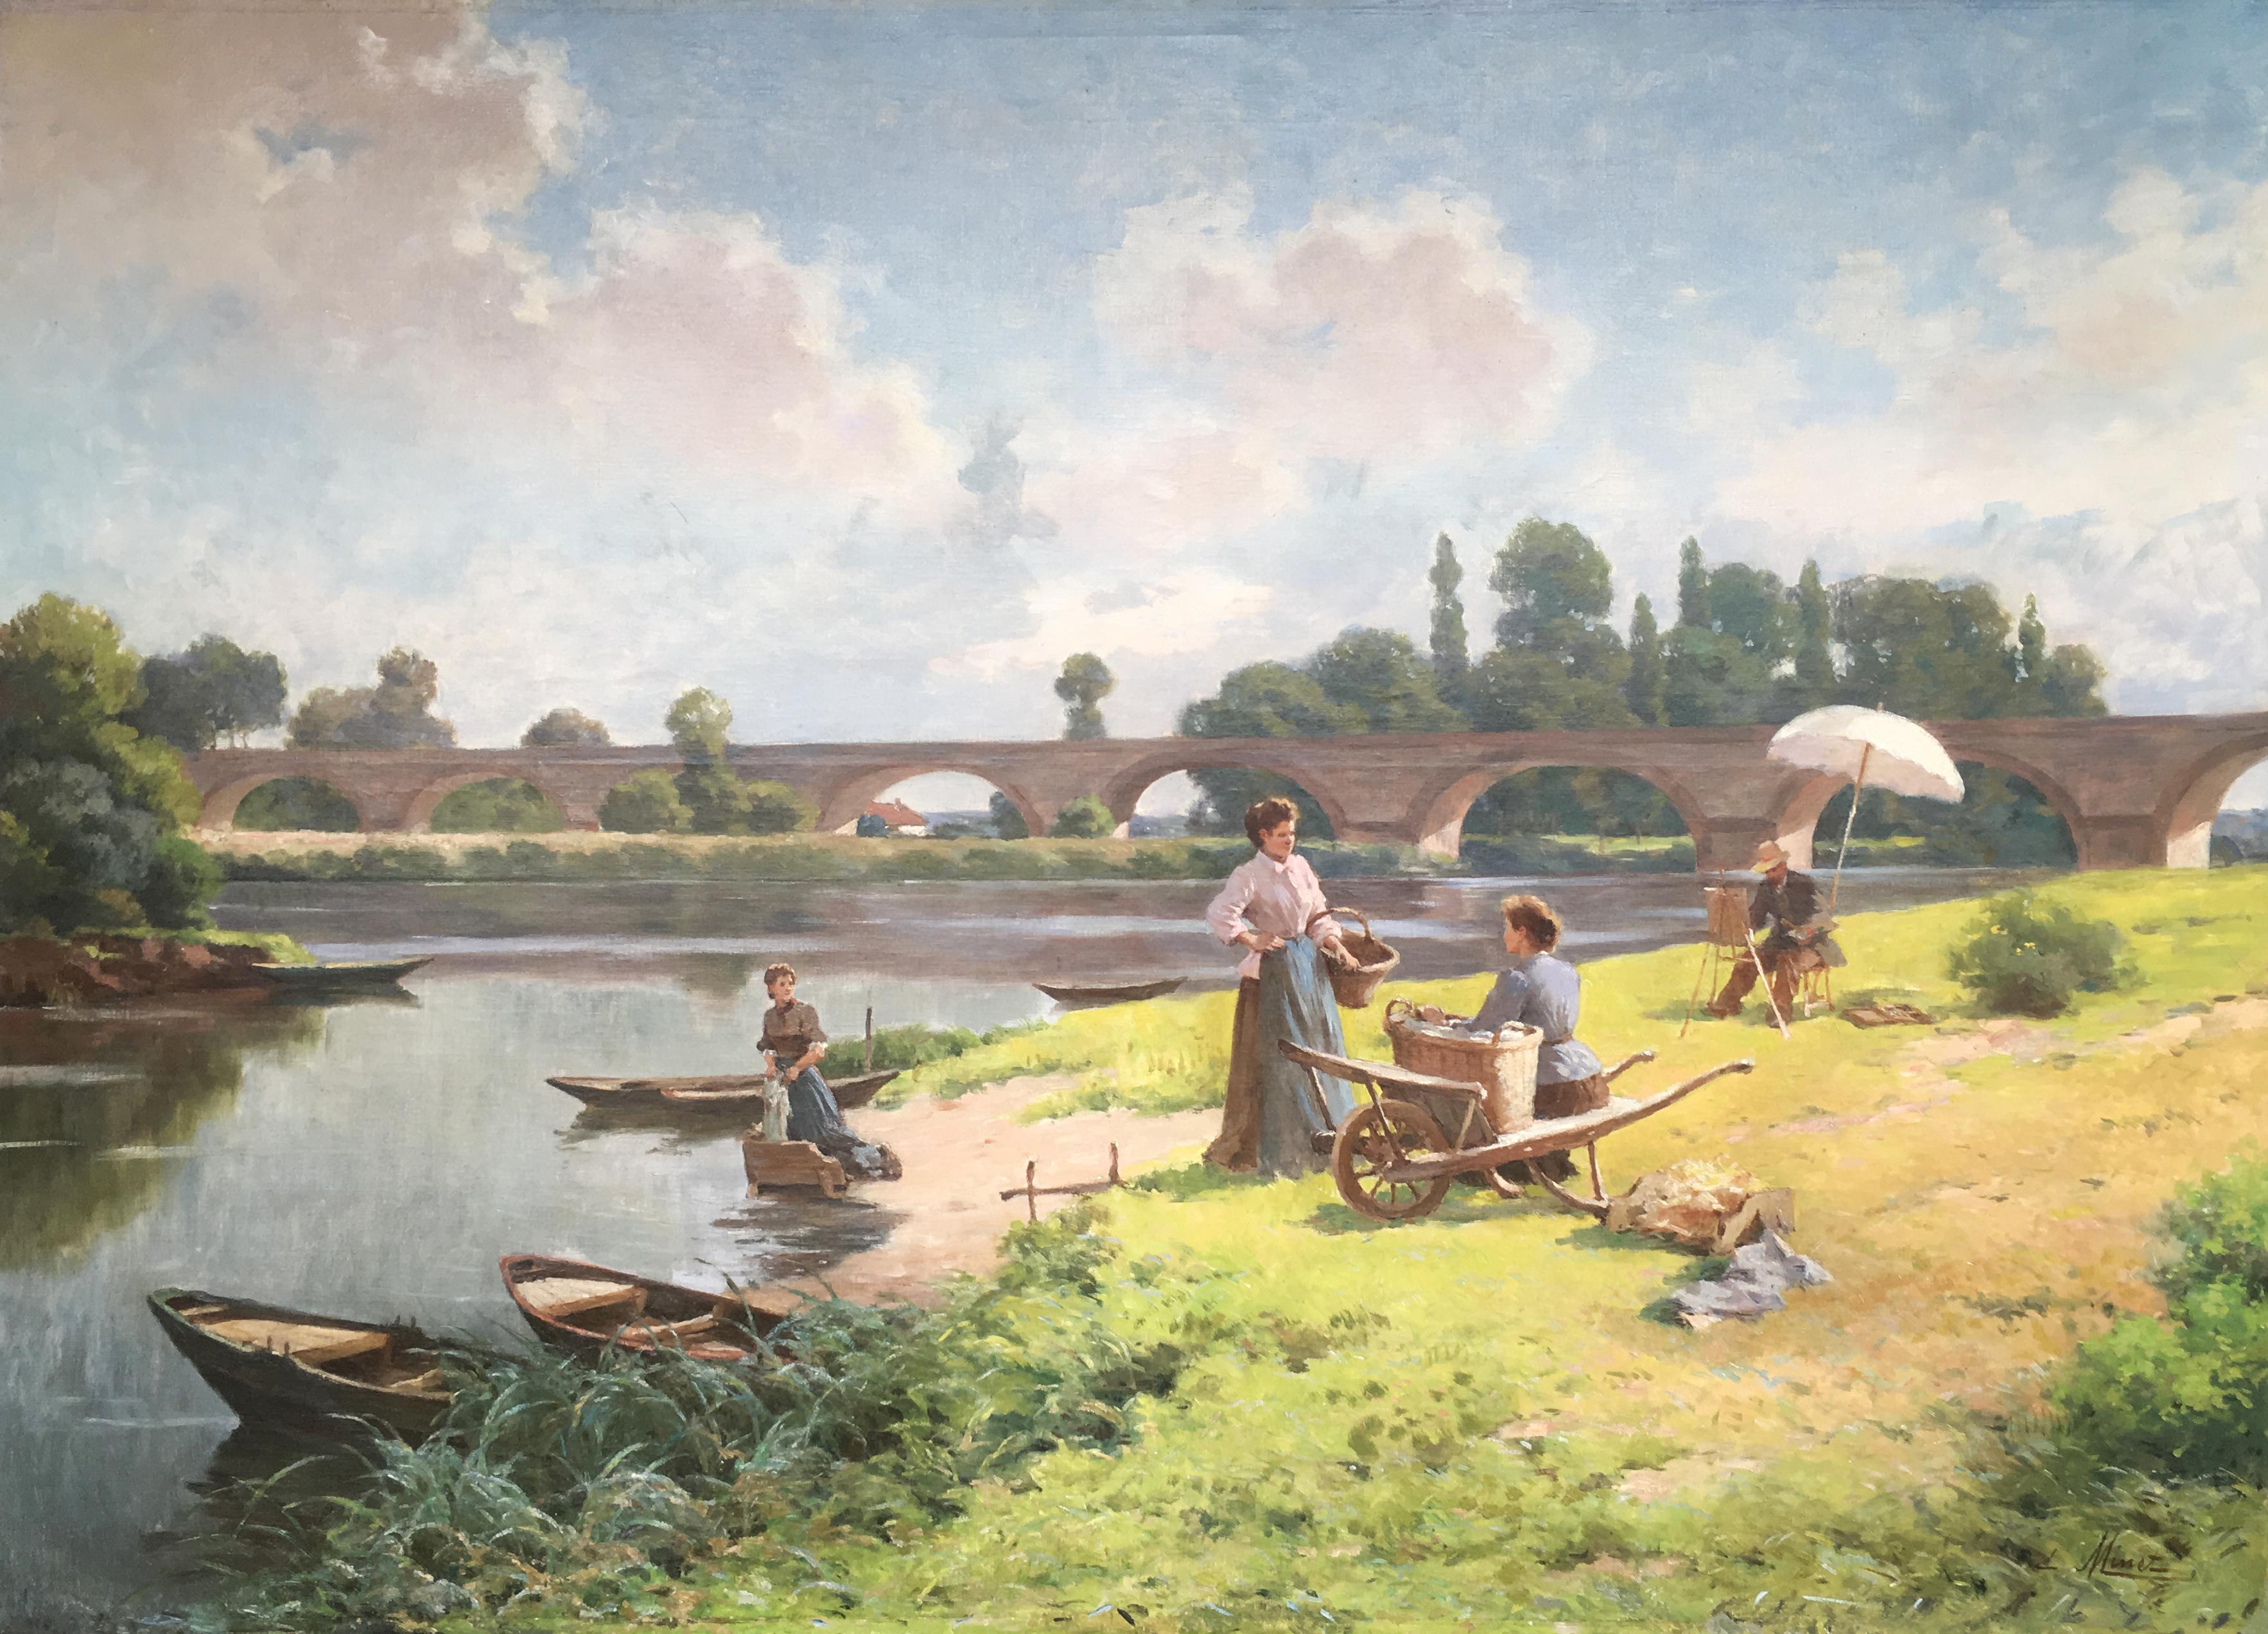 Emile_Louis_Minet,_Les_Lavandières_et_le_Peintre_à_Pont_de_L'Arche